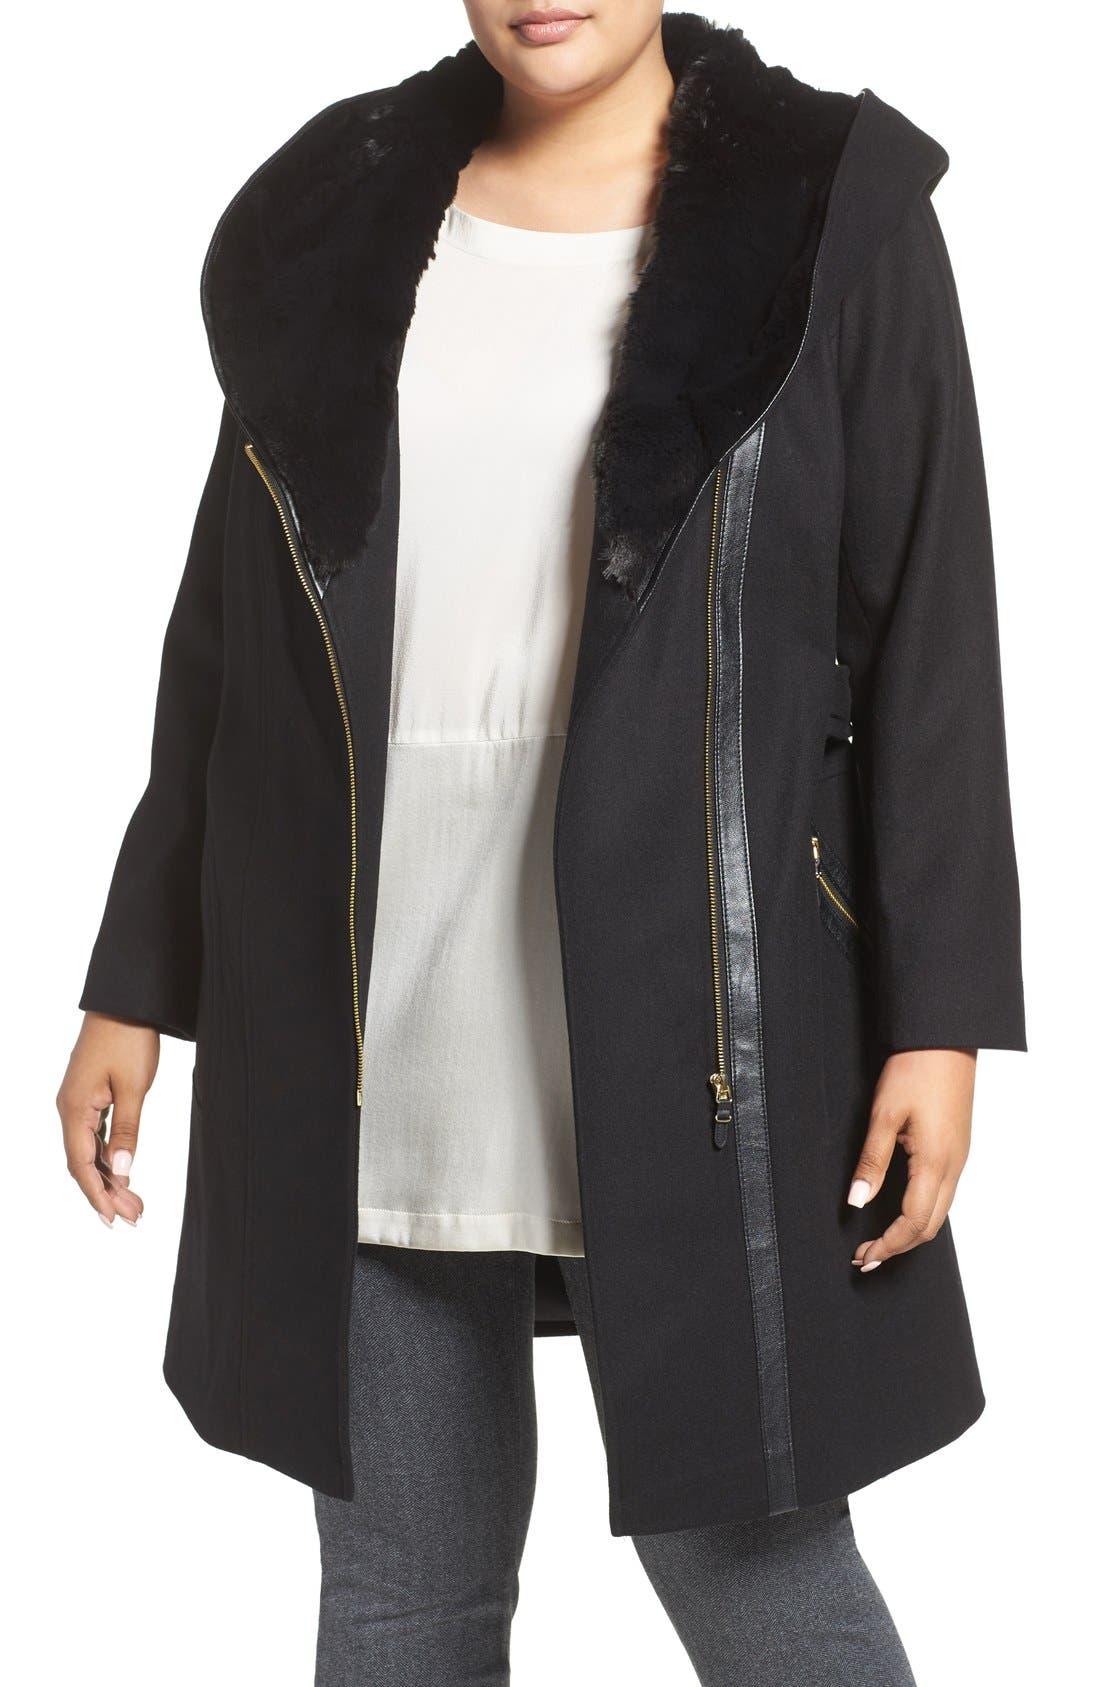 VIA SPIGA, Wool Blend Coat with Faux Fur Trim, Alternate thumbnail 4, color, 001